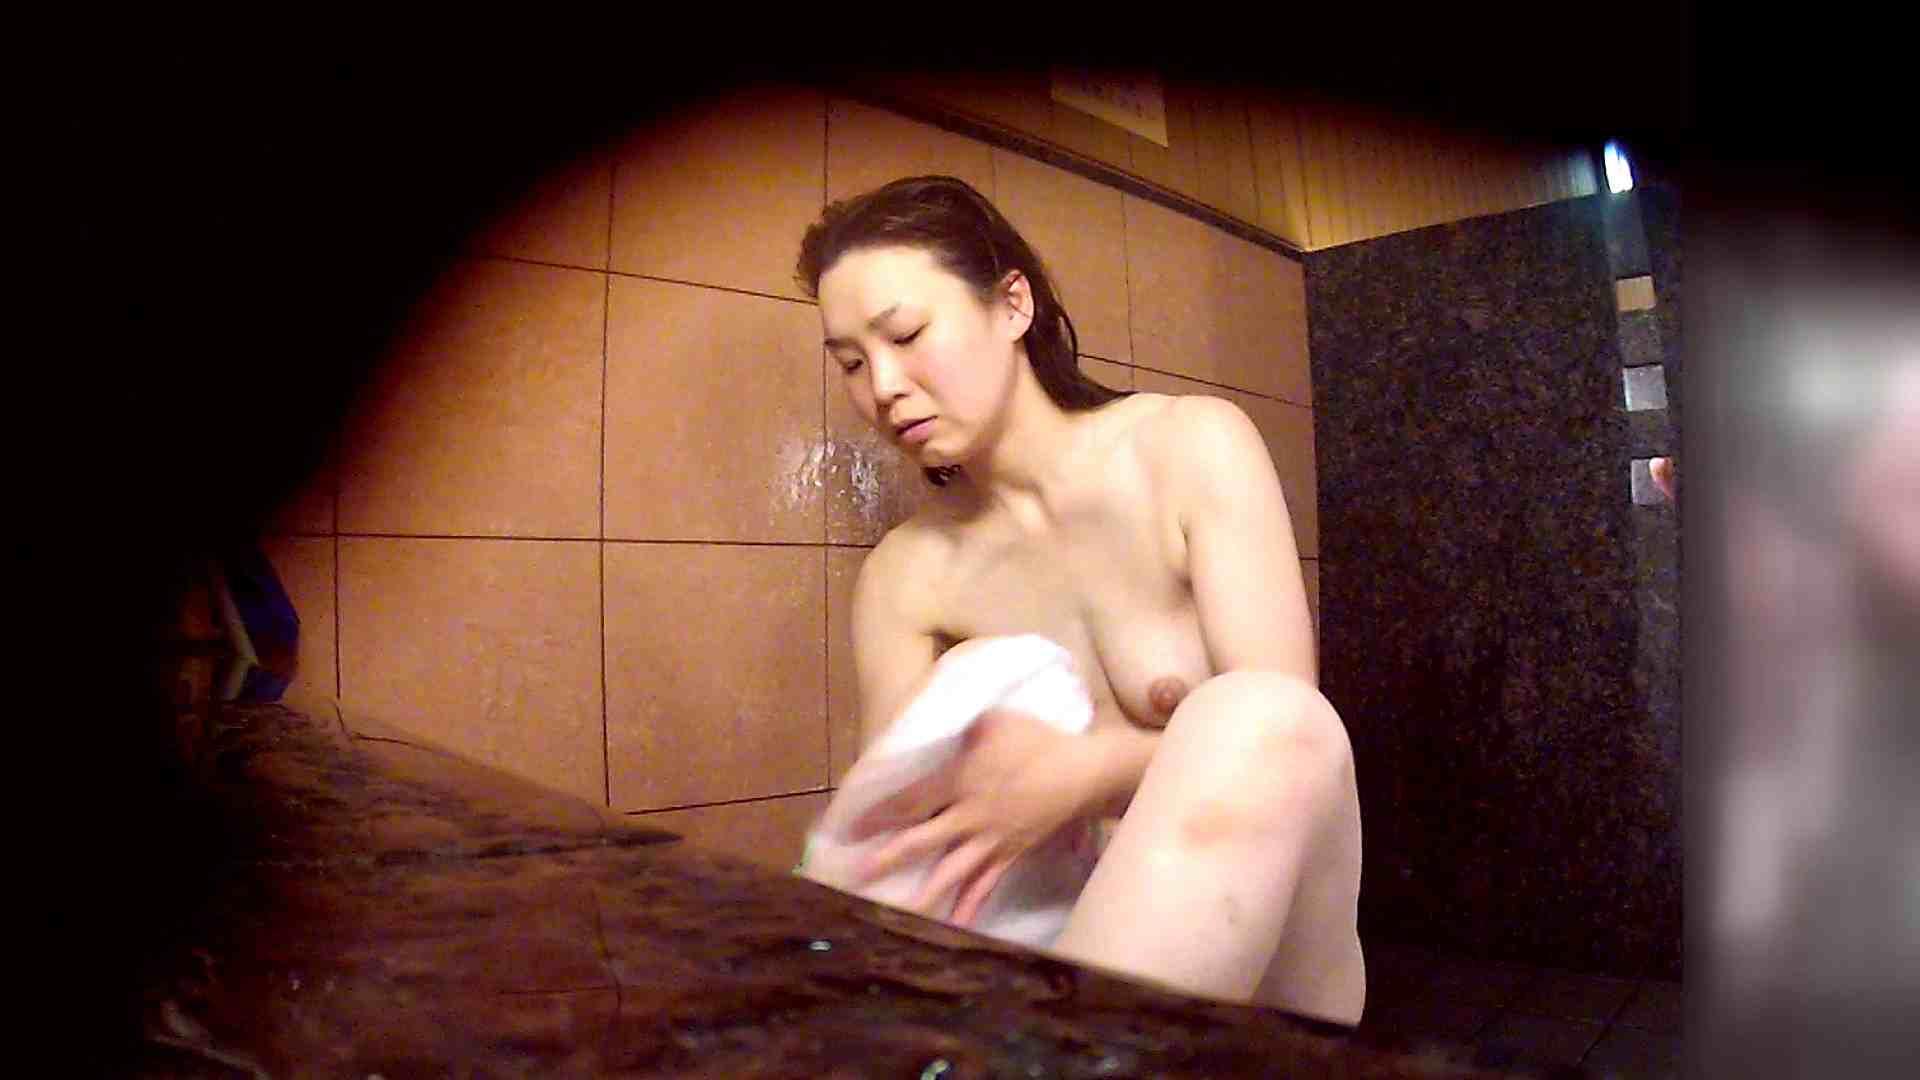 洗い場!マッスルお嬢さん!でもオッパイだけは柔らかそうです。 潜入  65PIX 16